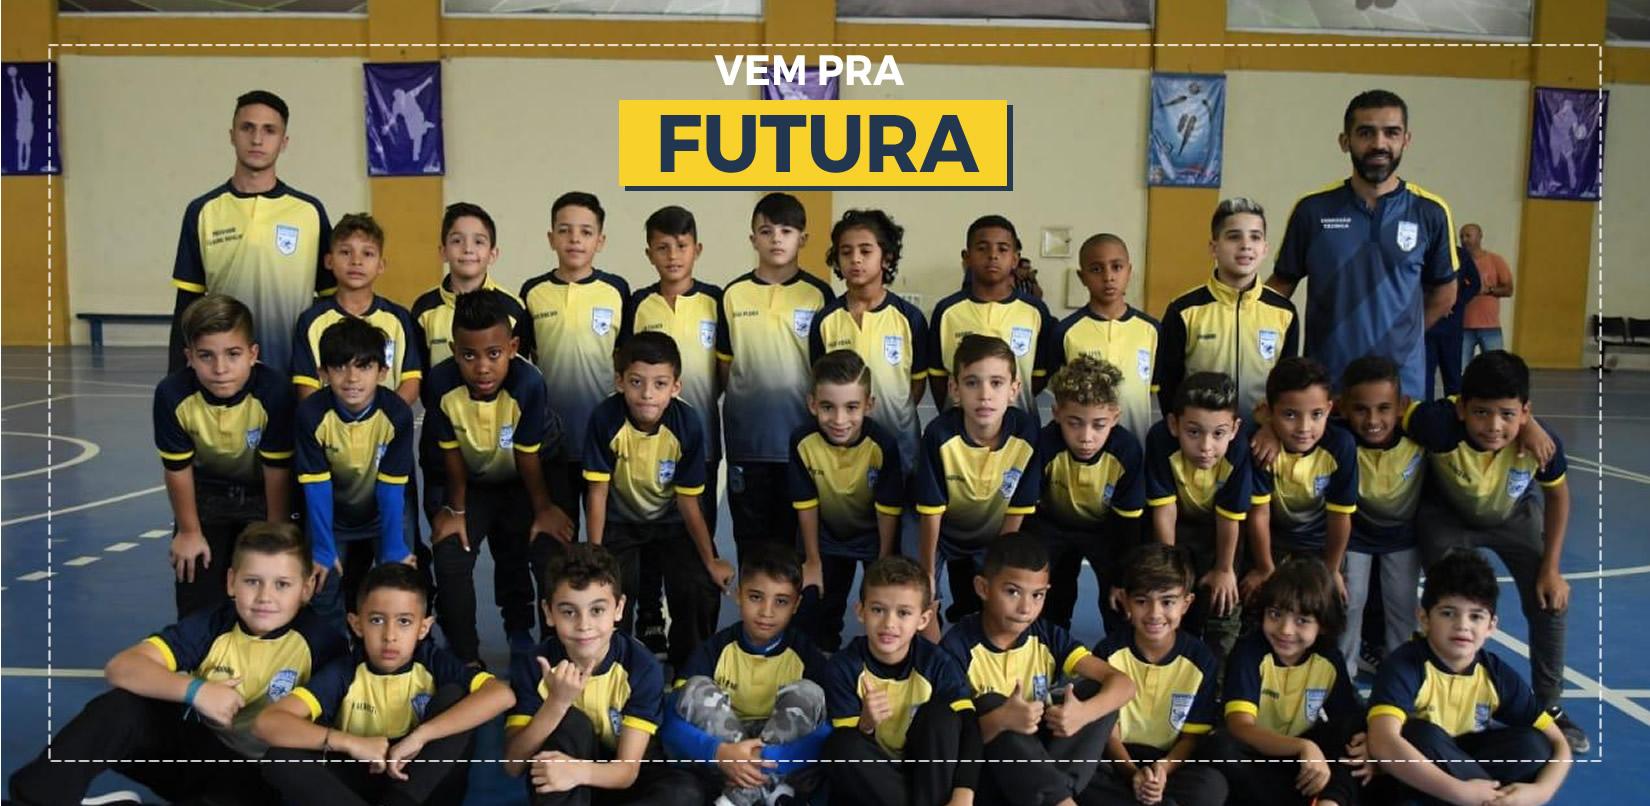 banner-futura-fev2020